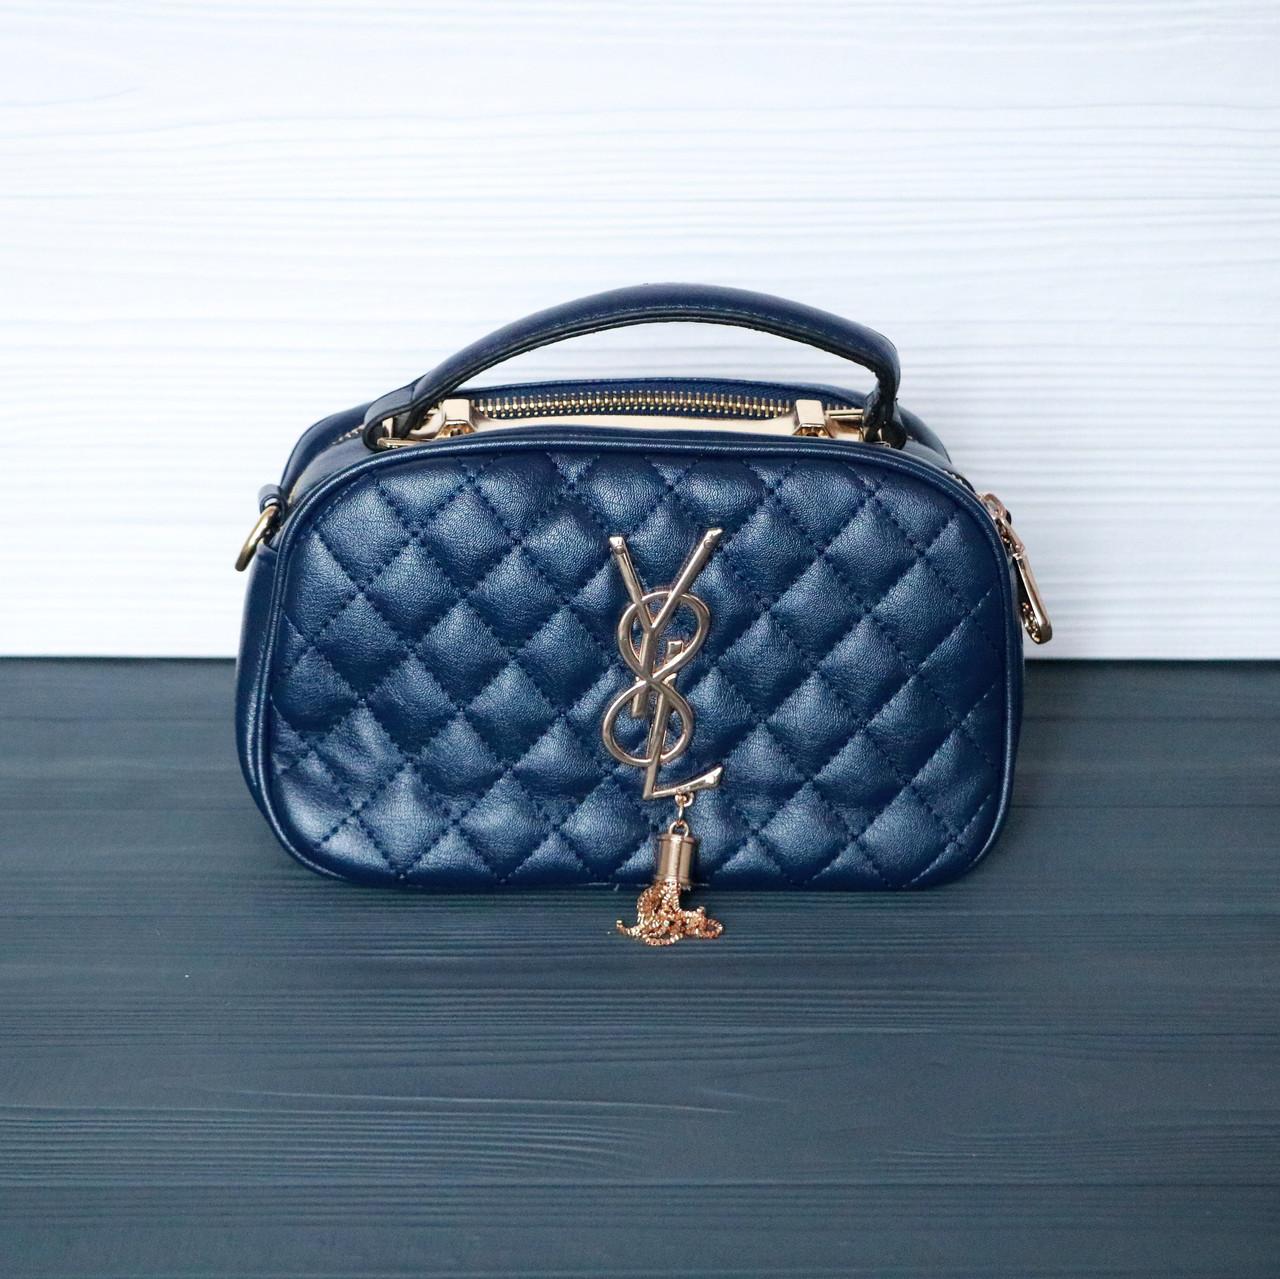 650a2137734f Женская сумка через плечо Темно-синяя: продажа, цена в Обухове ...